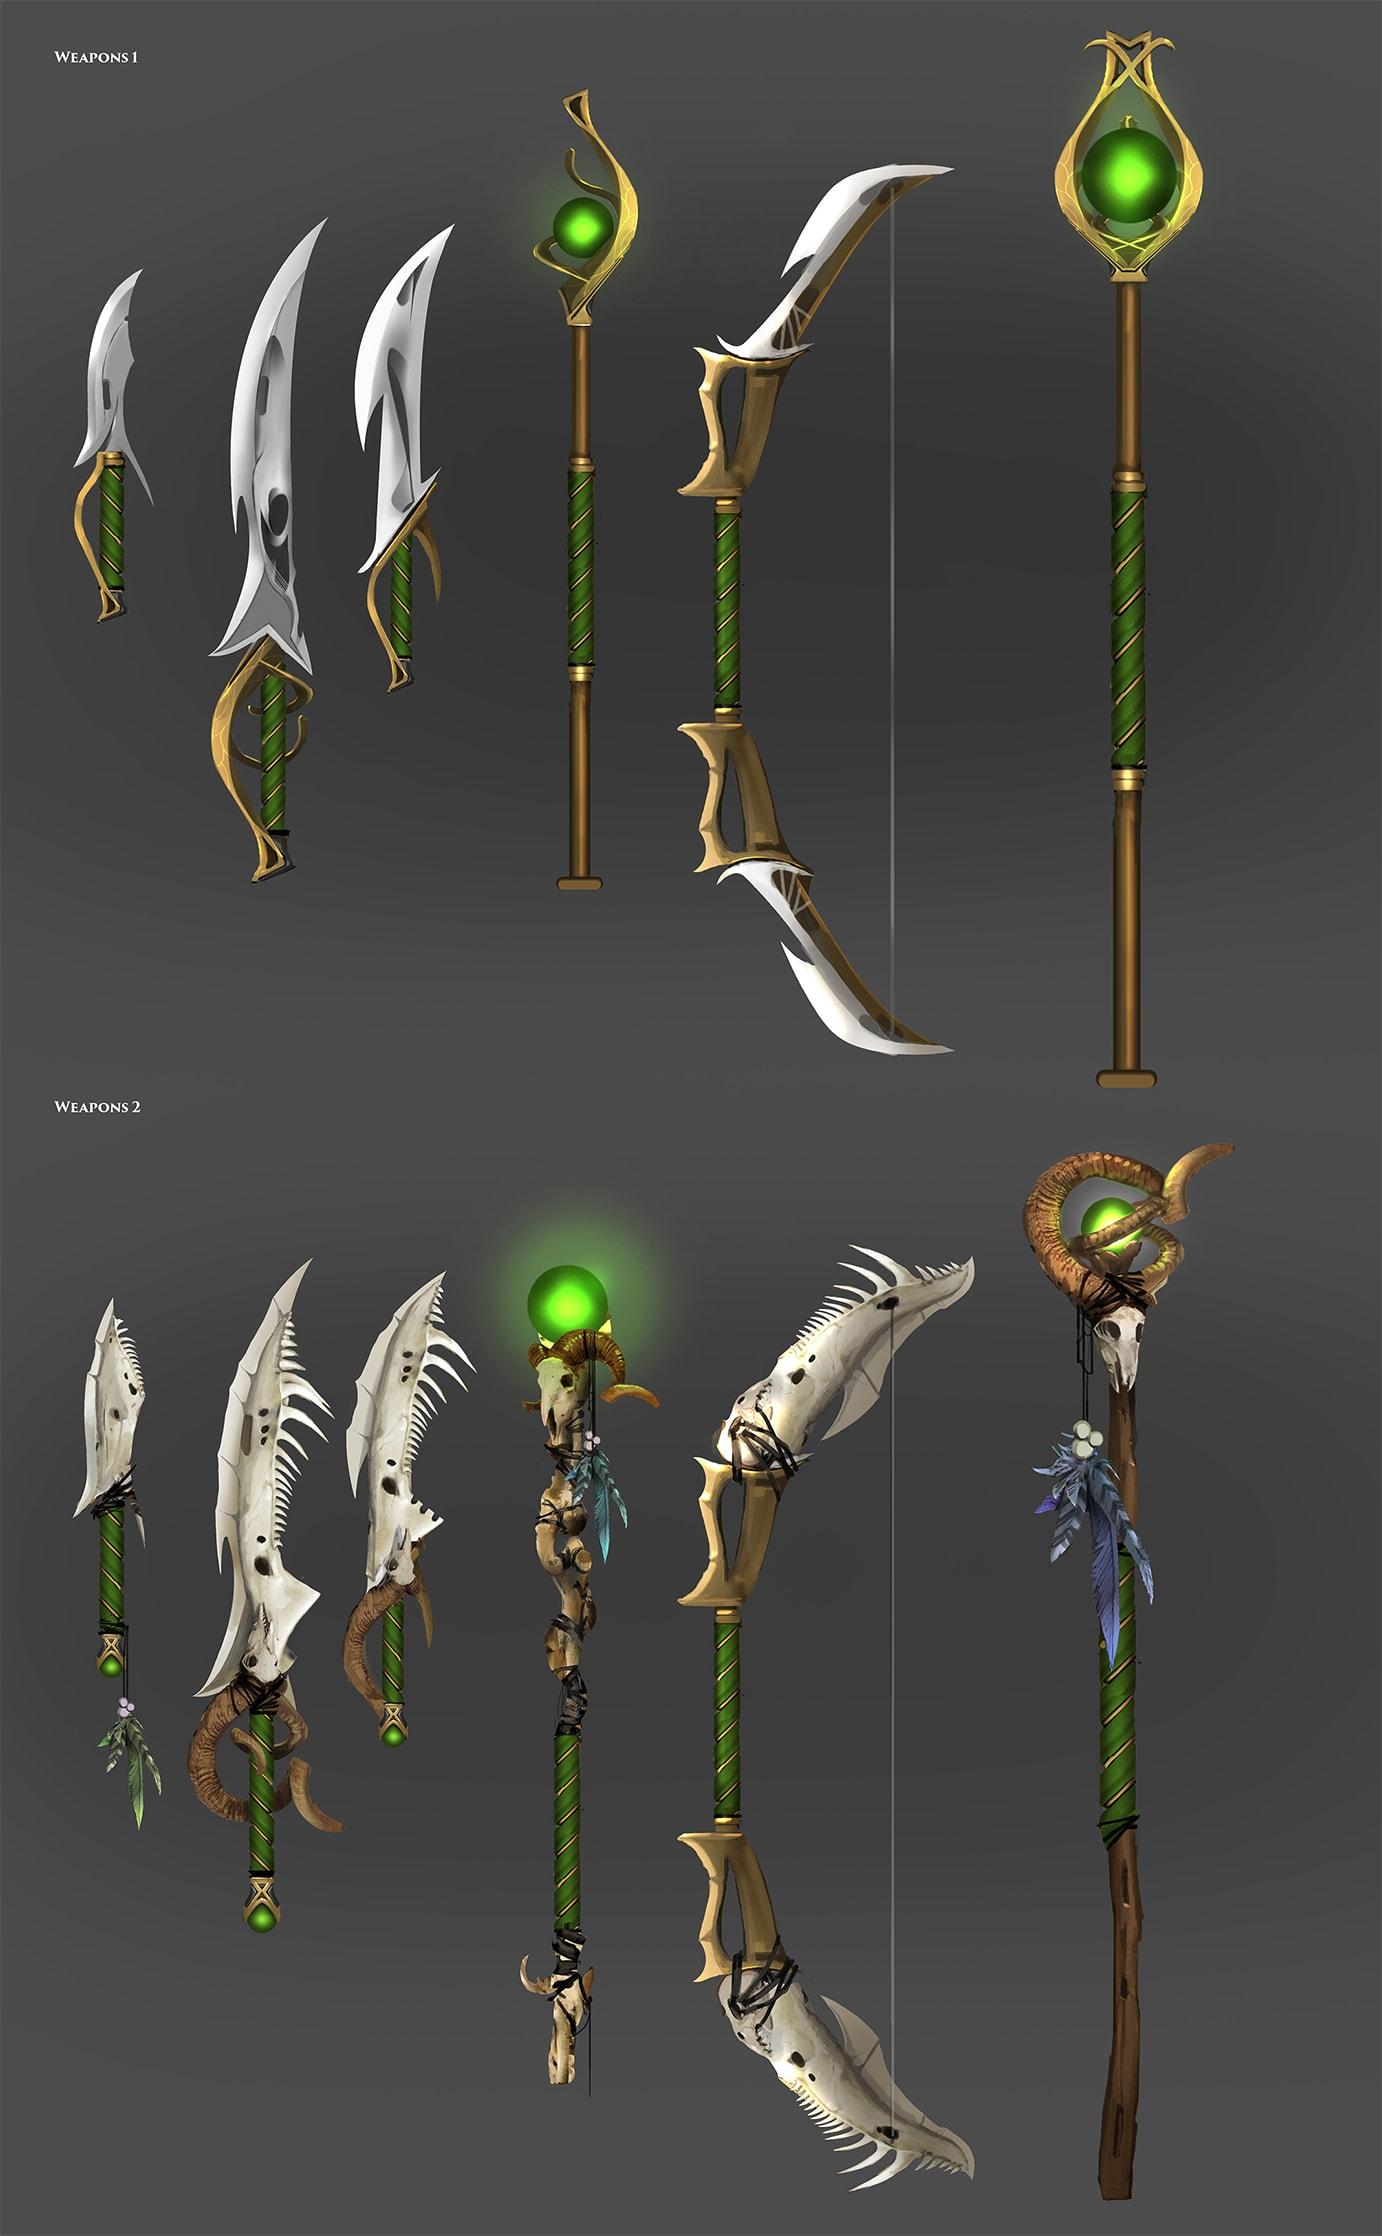 weapon_3-min.jpg